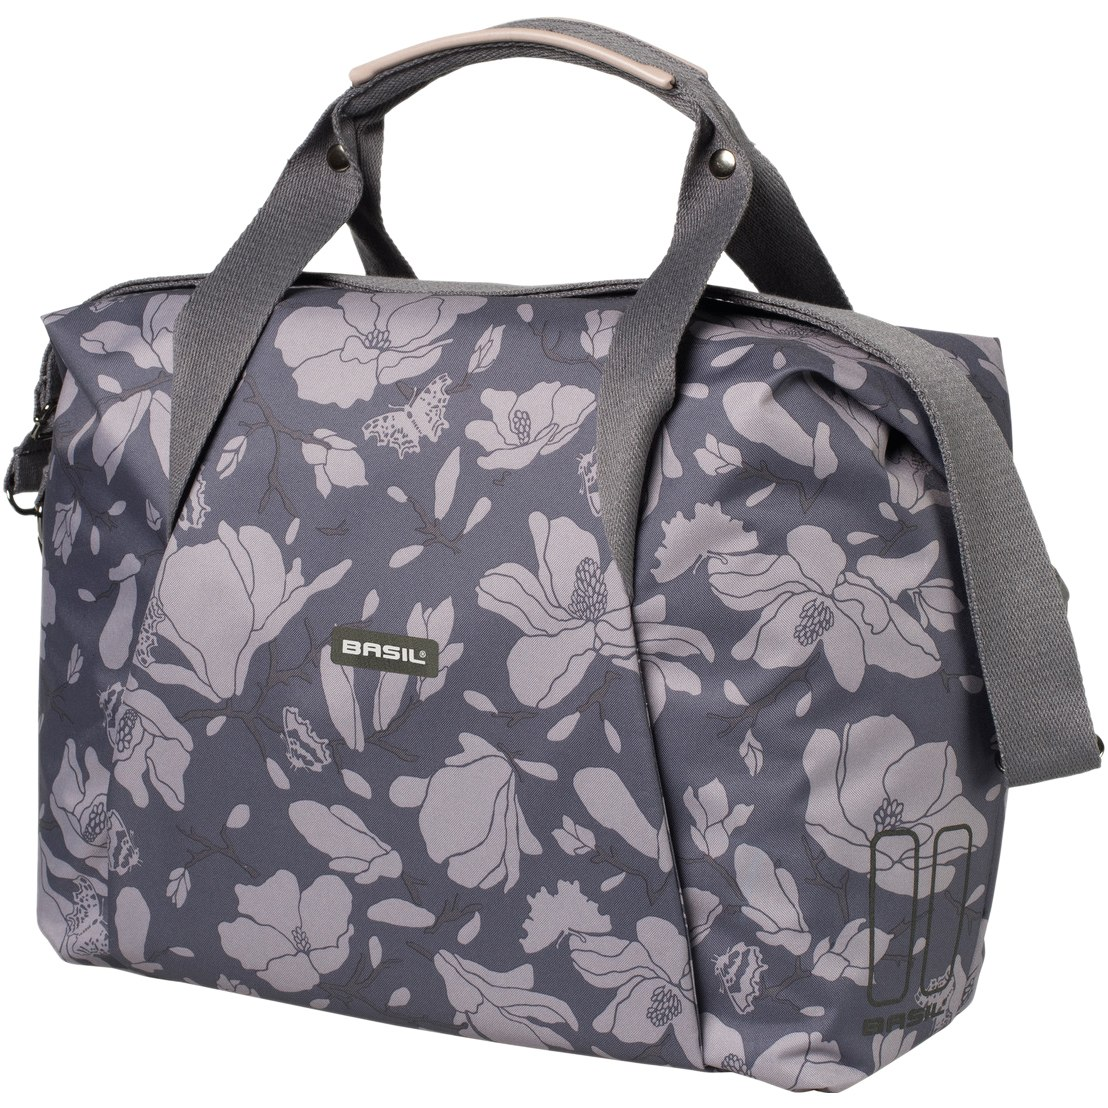 Basil Magnolia Carry All Bag - Shoulder / Carrier Bag - blackberry